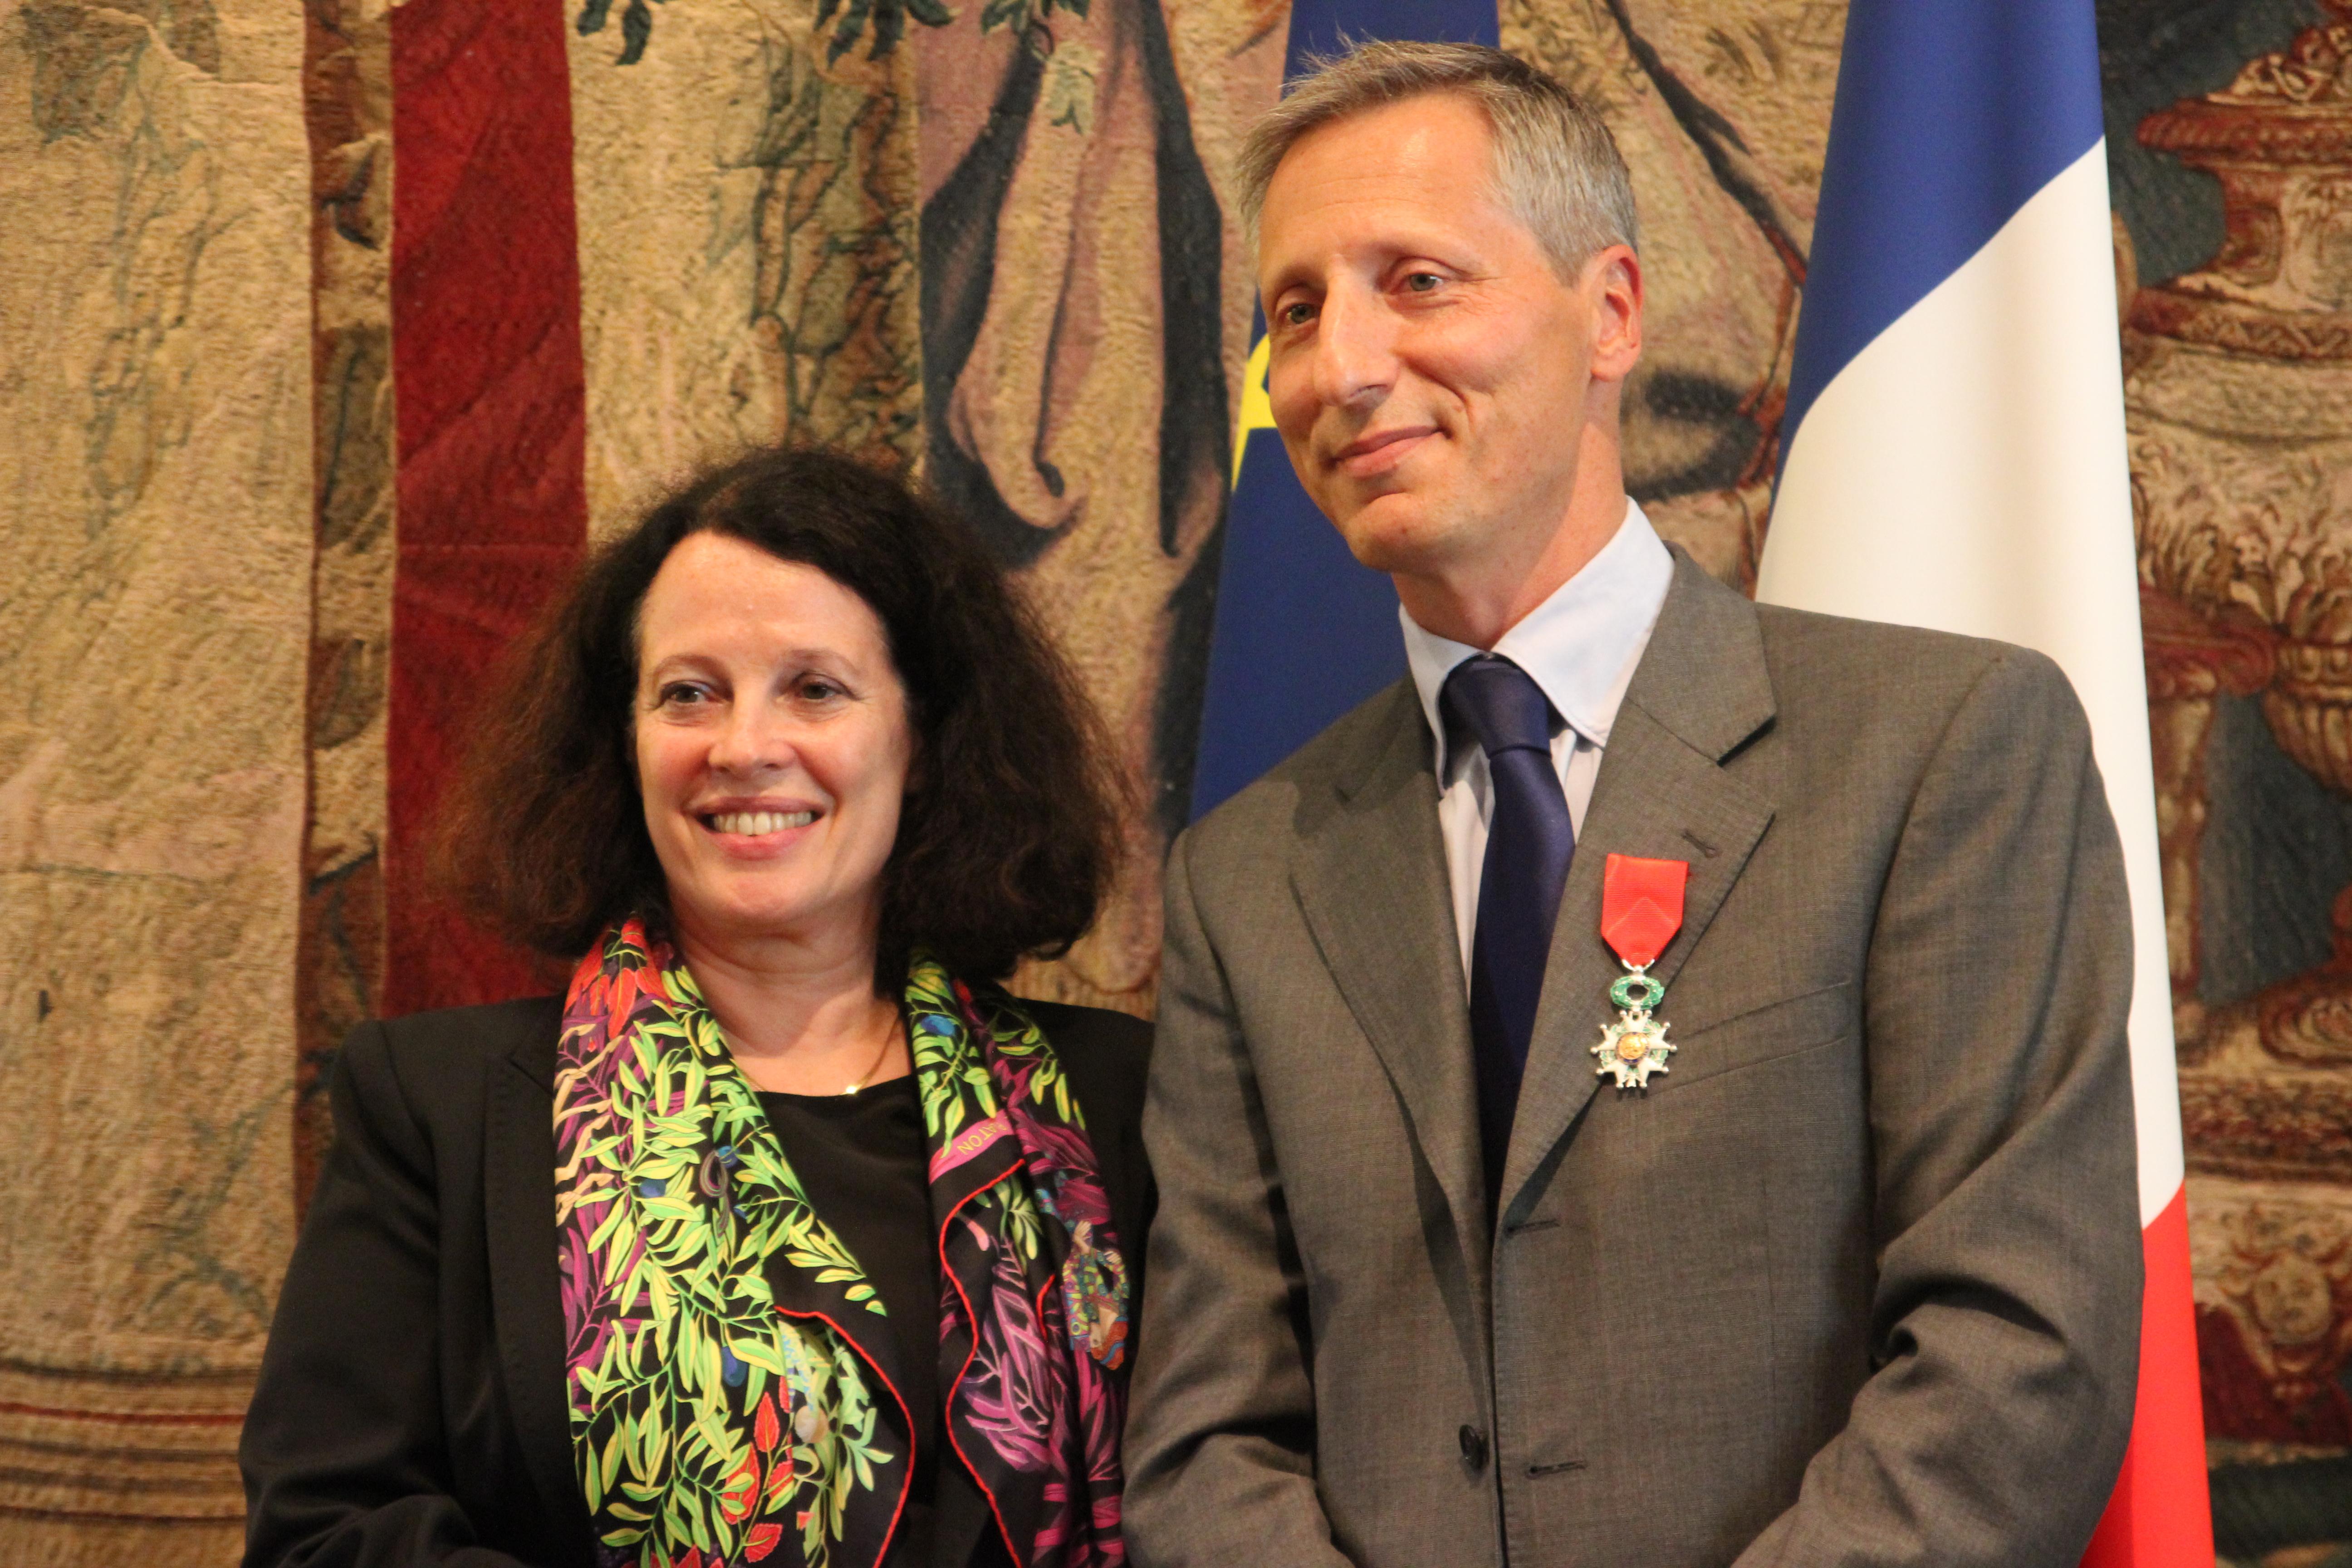 Maxime holder d cor de la l gion d 39 honneur france in for Chambre de commerce franco britannique londres